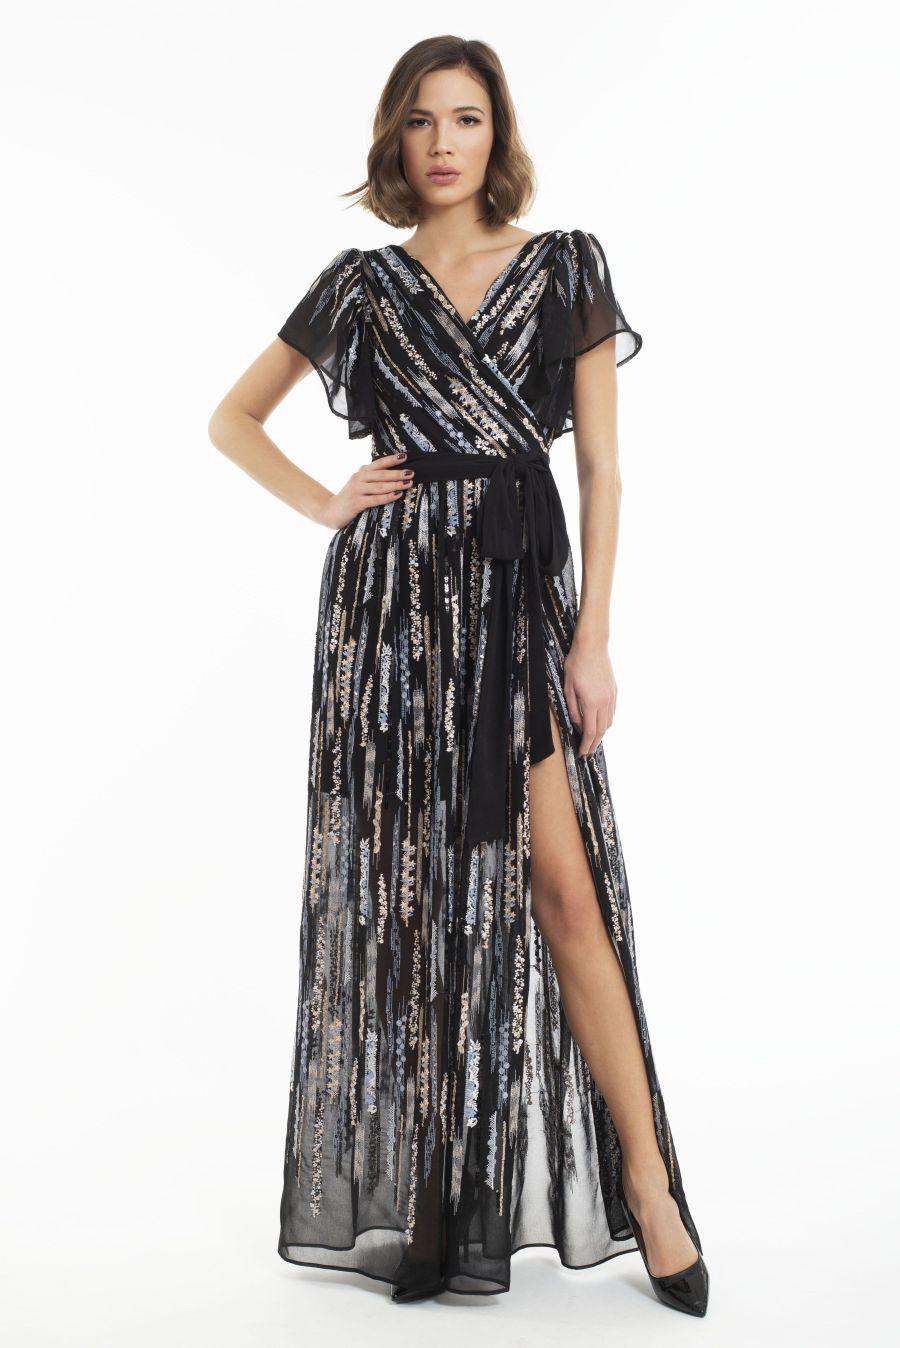 """Kreće velika Extravagantova humanitarna akcija """"Moda sa srcem"""": Vama dizajnerska haljina, KBC-u Rijeka defibrilator!"""